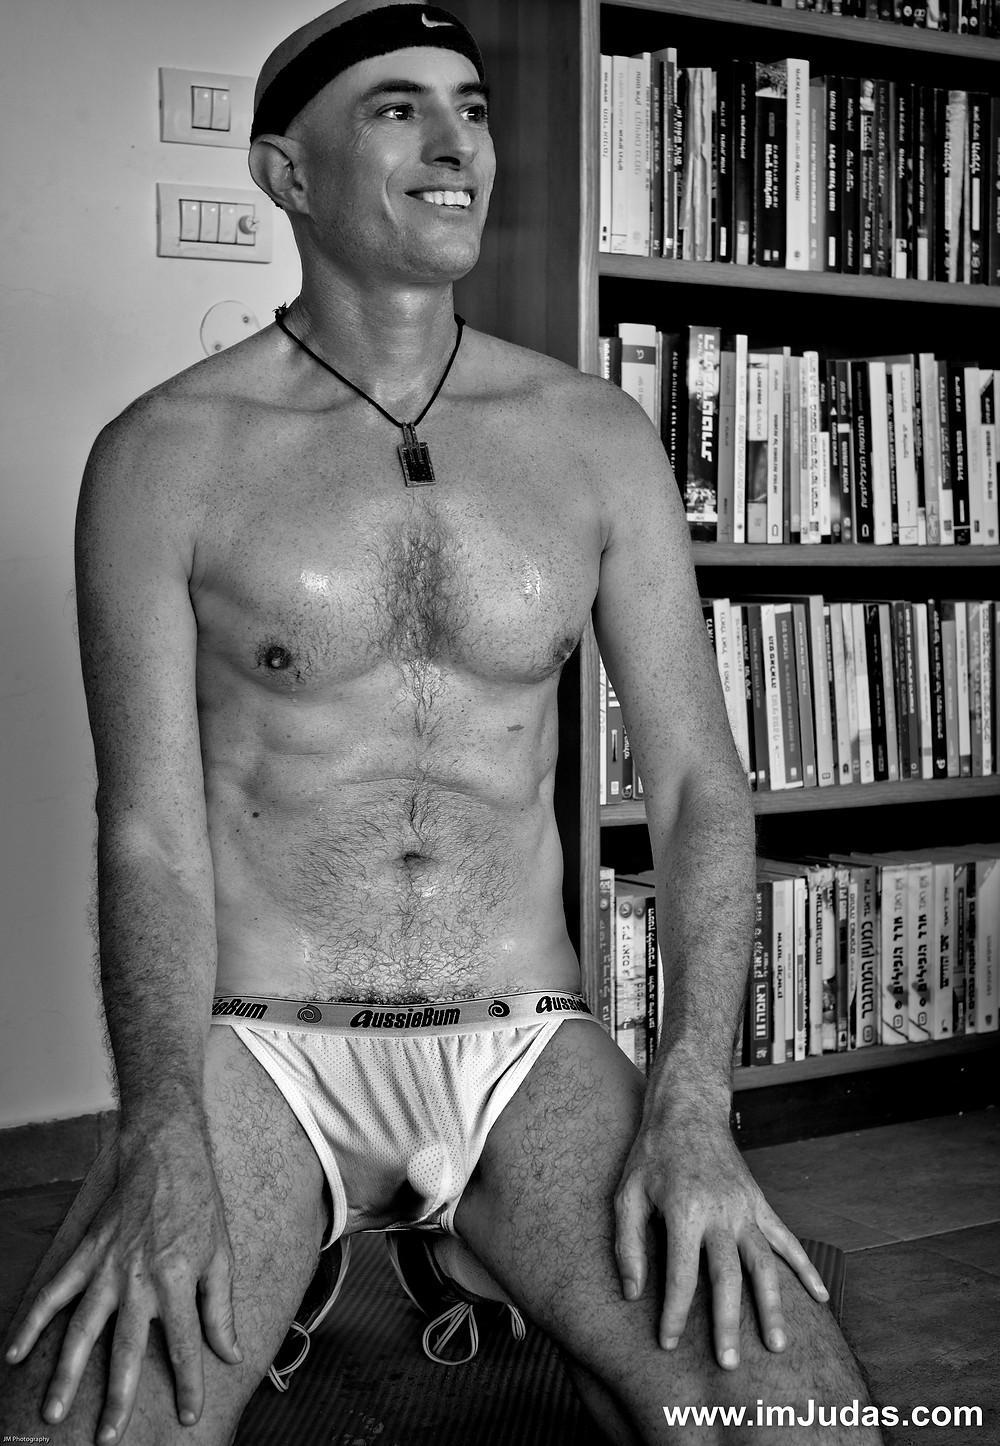 A guy in underwear